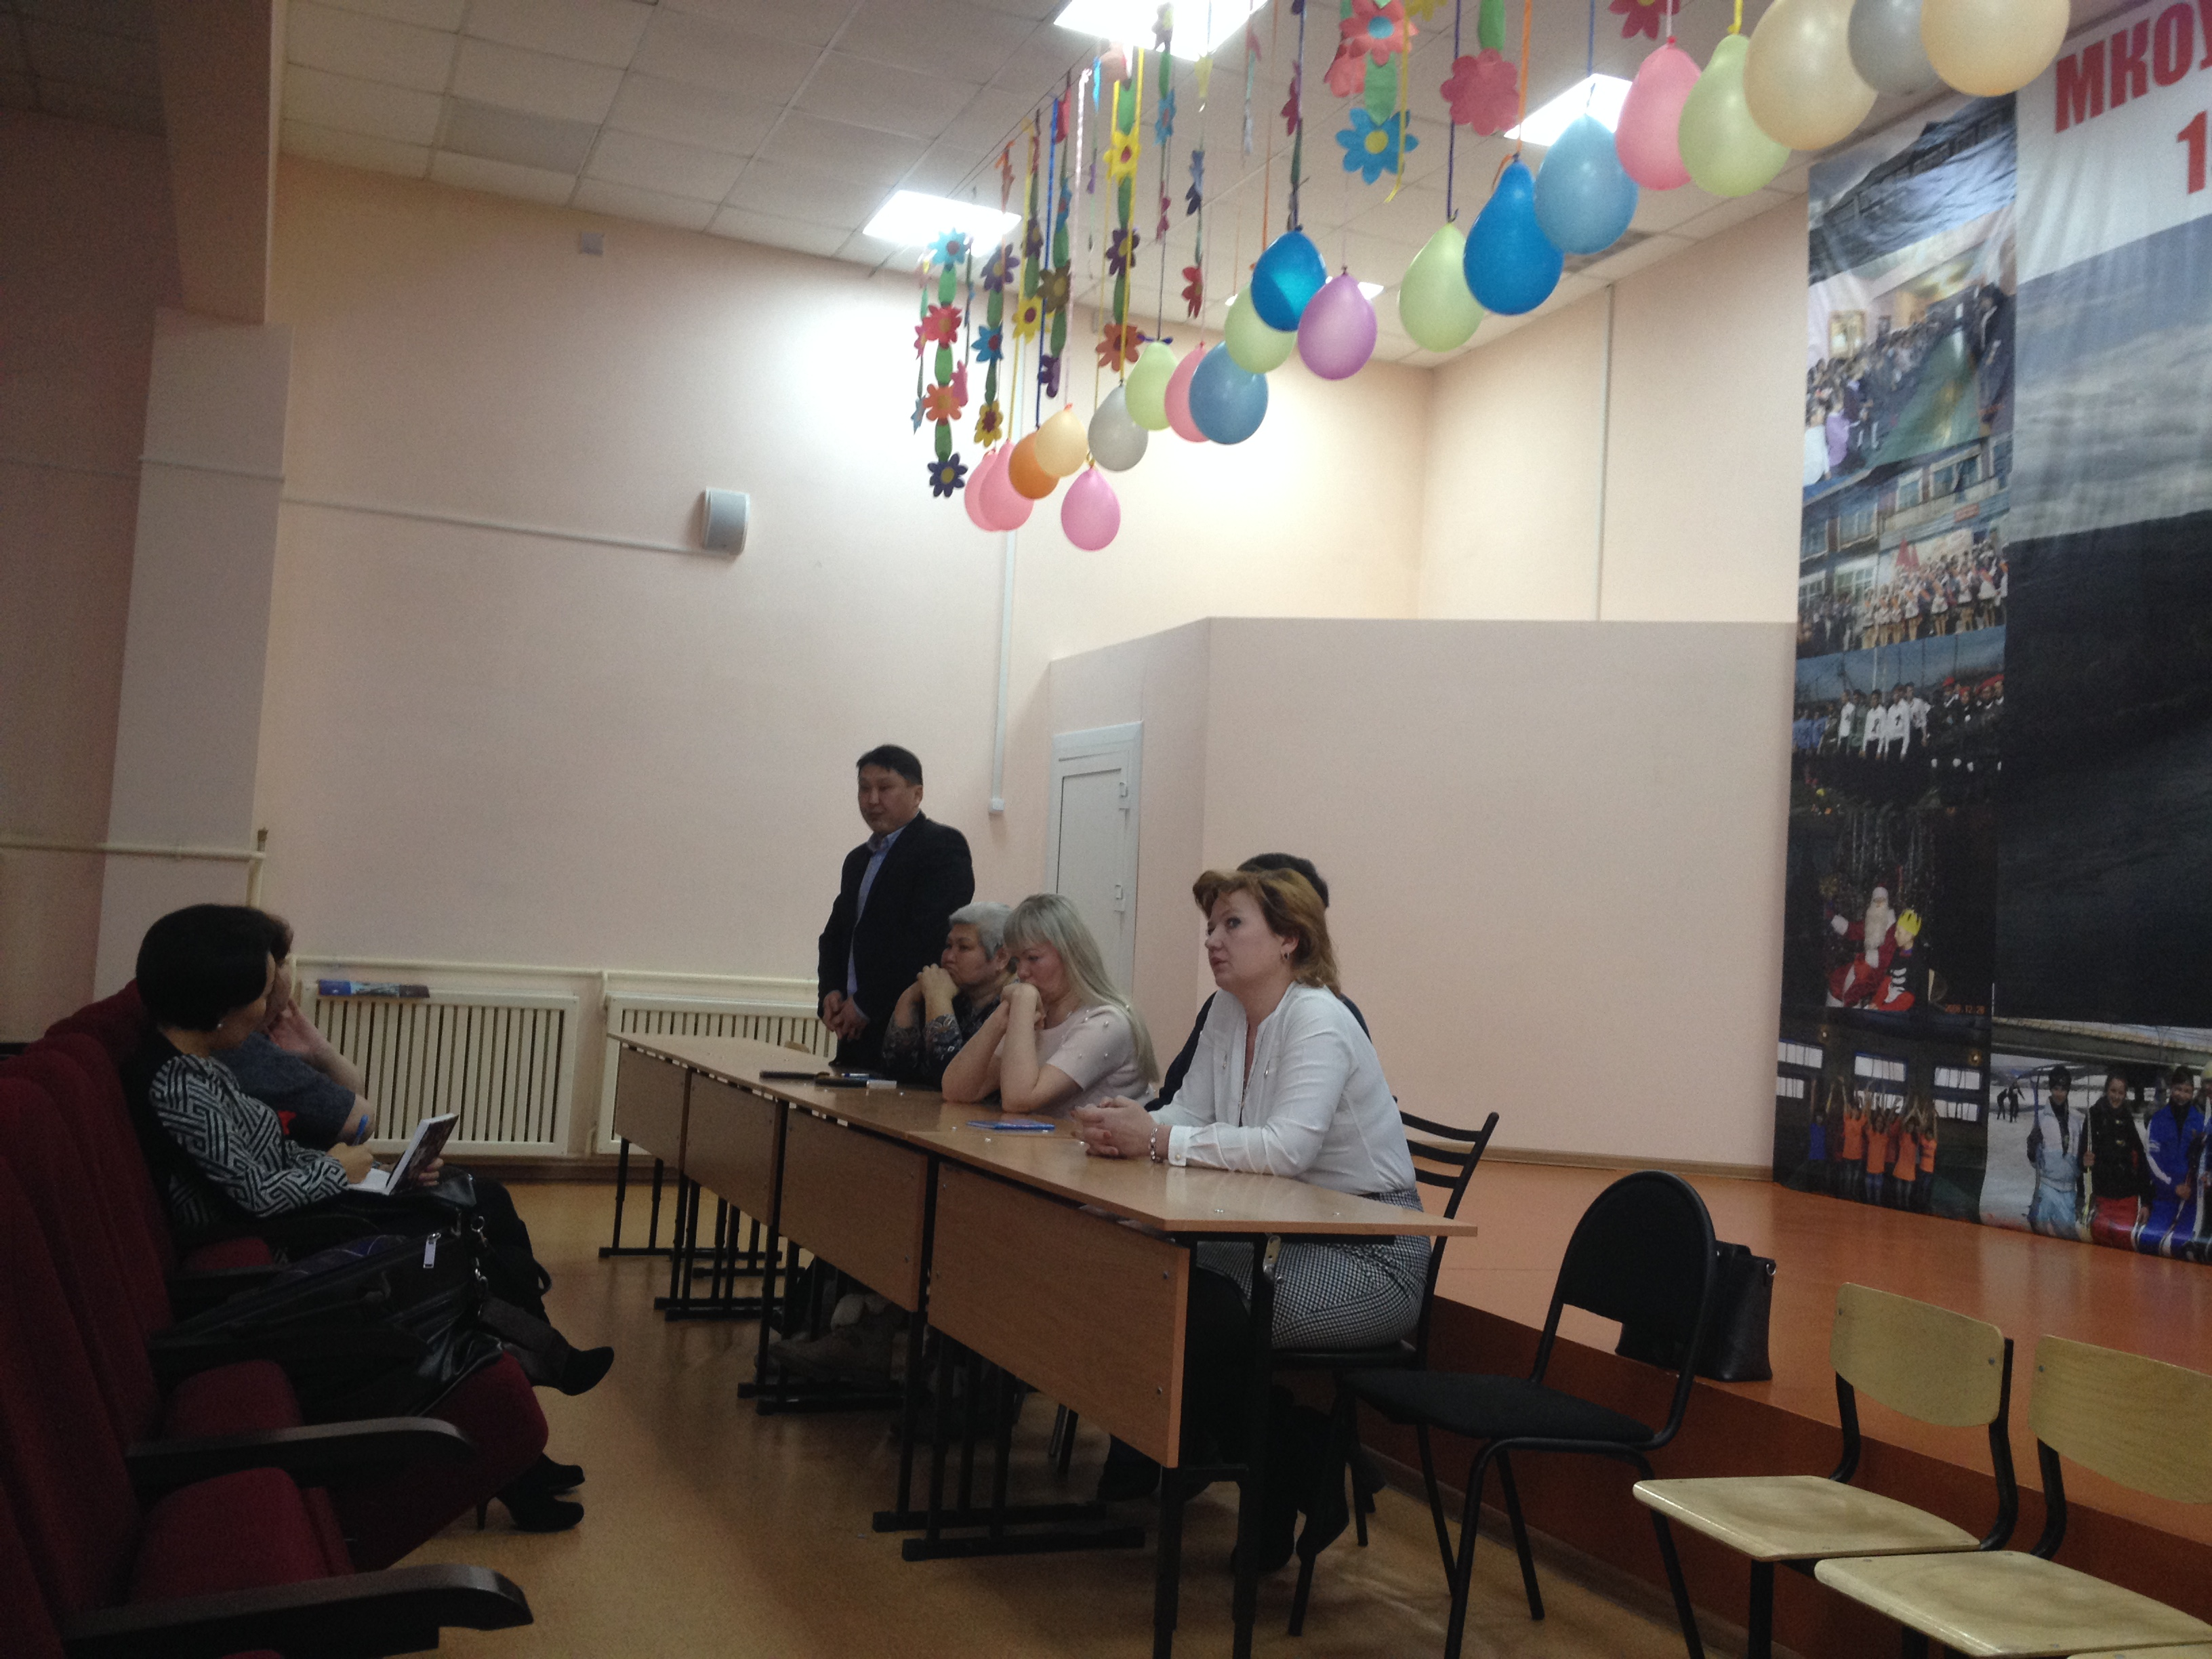 Внедрение системы непрерывного агробизнес-образования в образовательный процесс сельских школ Качугского района